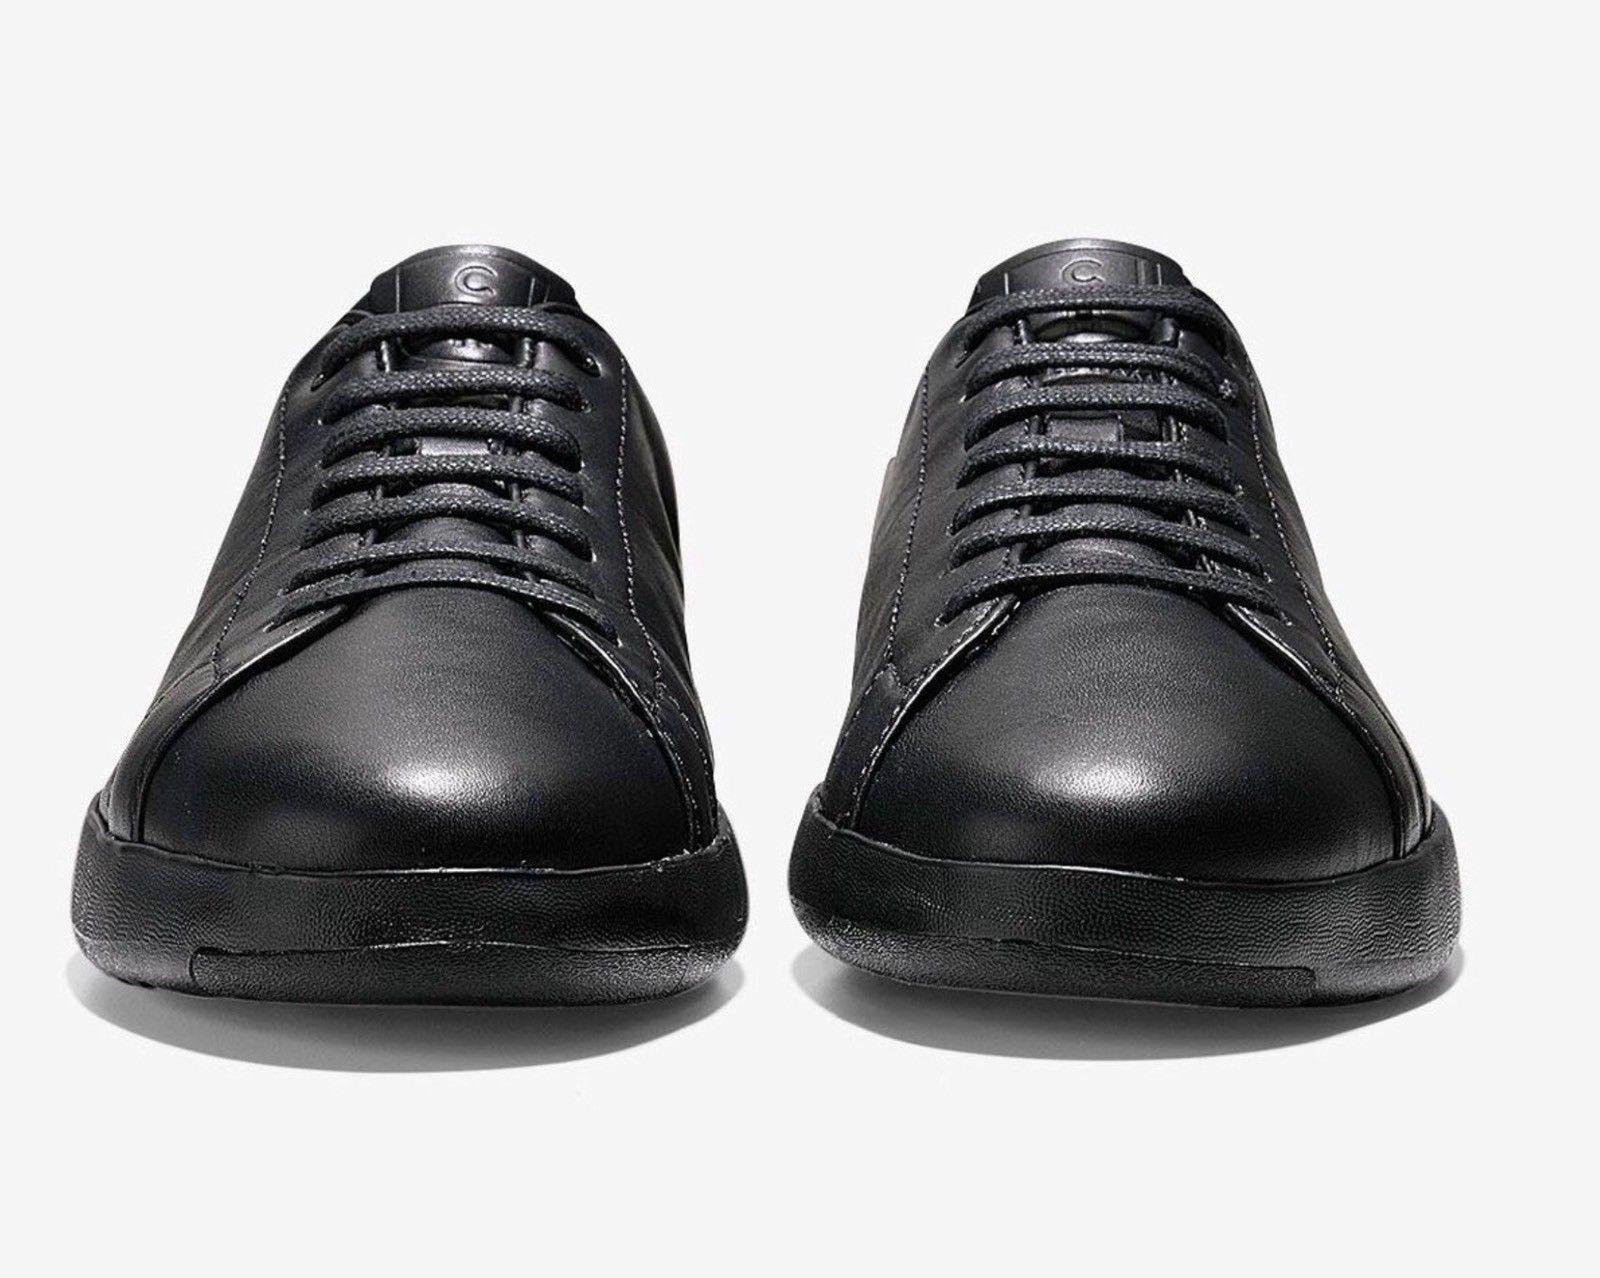 Cole haan gli 7 uomini grandpro tennis moda scarpe dimensioni 7 gli - 5 0ee1f6